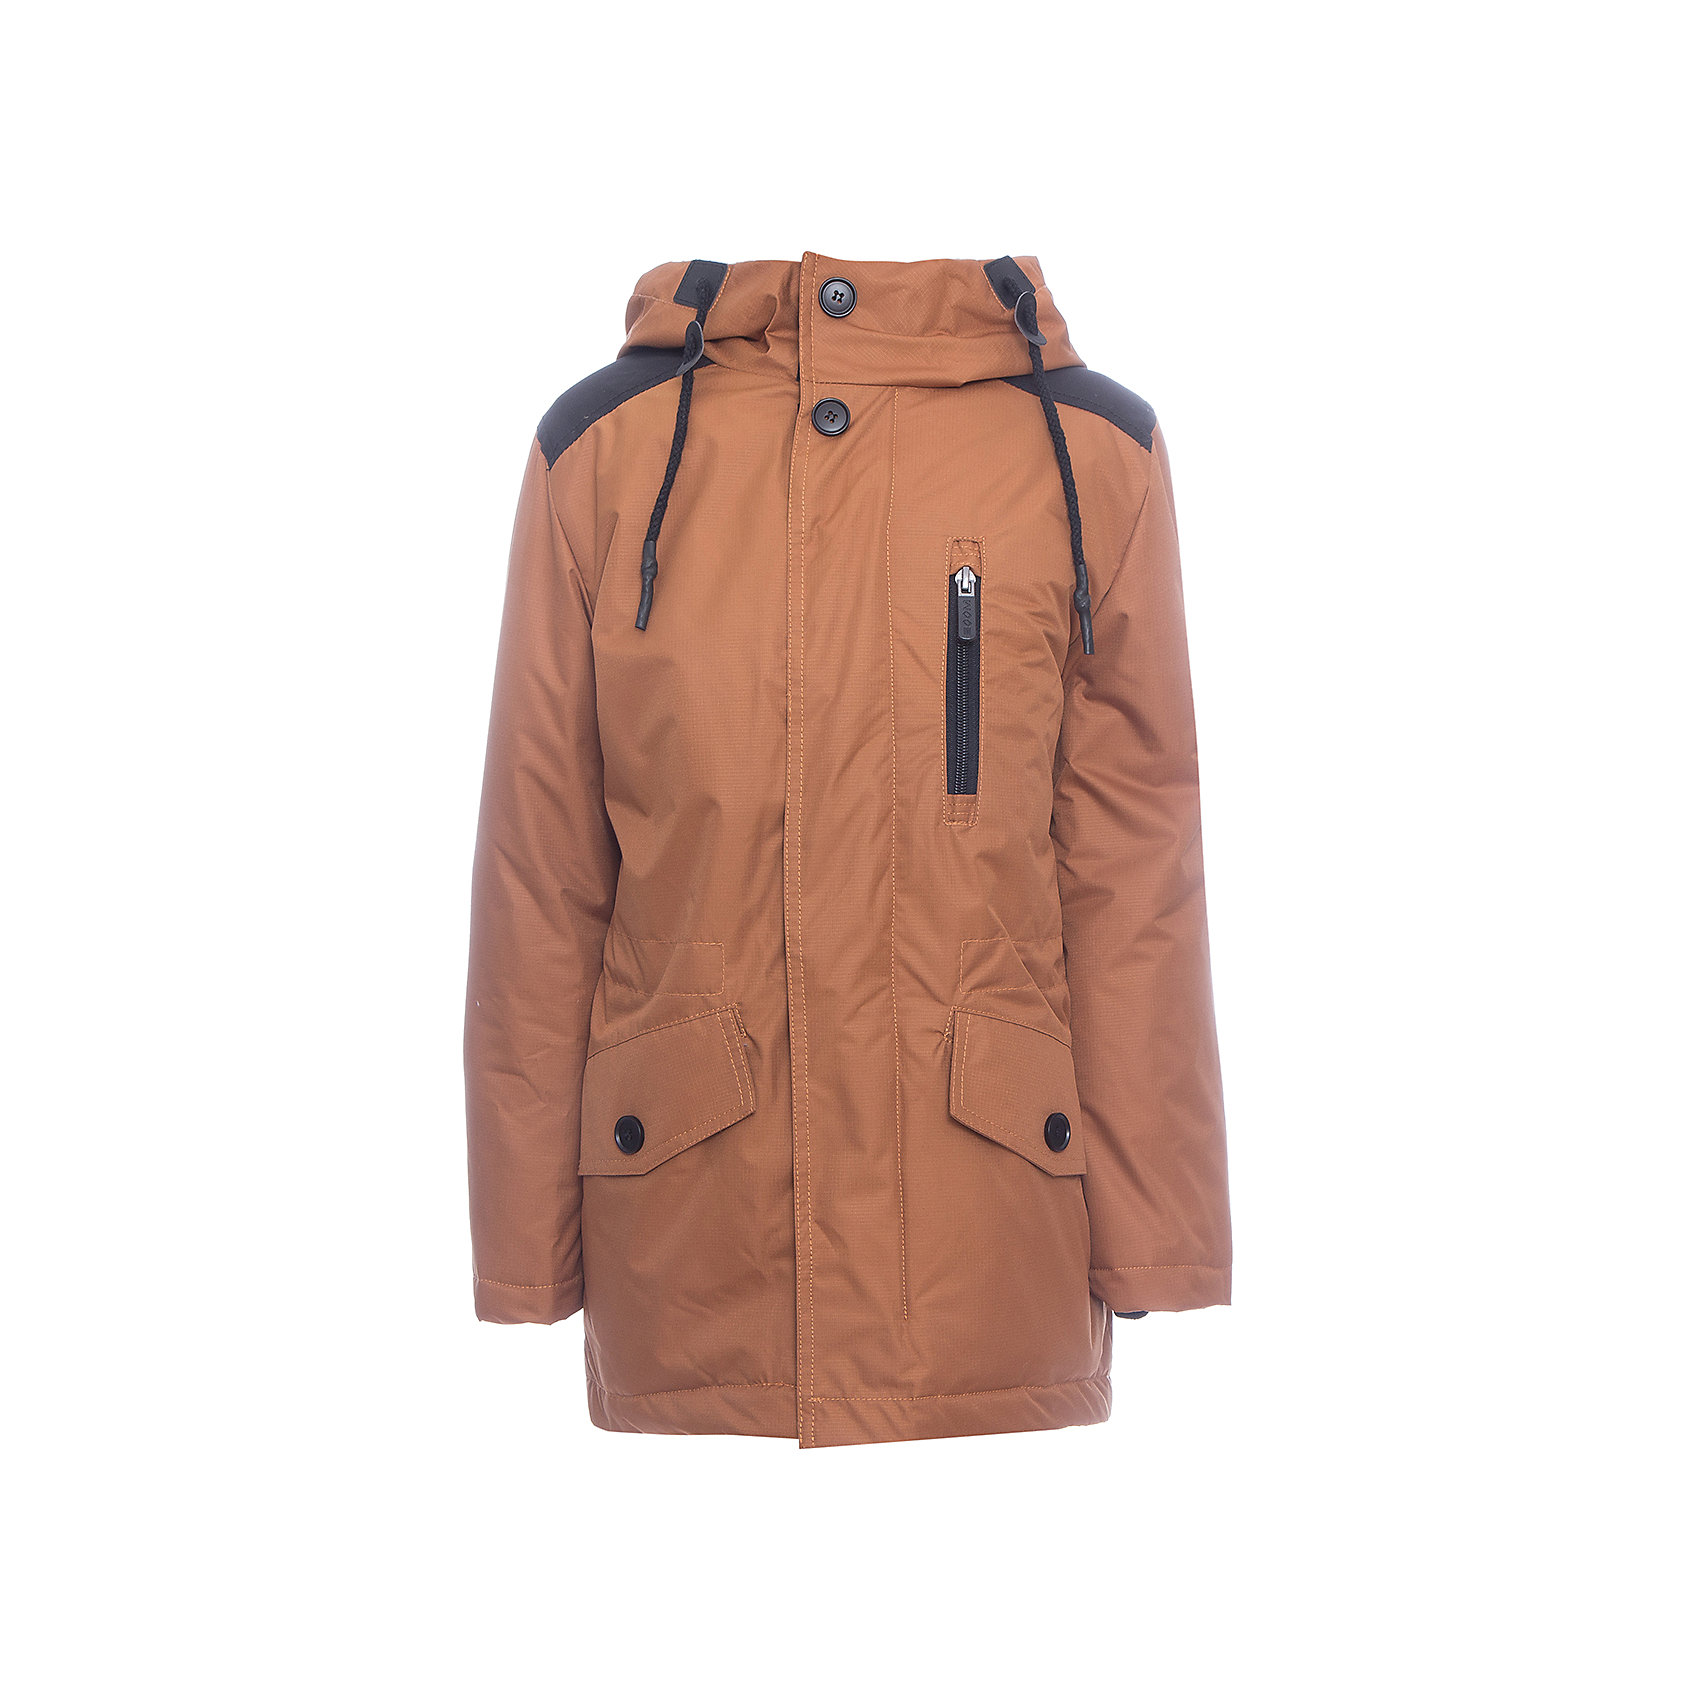 Куртка-парка BOOM by Orby для мальчикаВерхняя одежда<br>Характеристики товара:<br><br>• цвет: желтый<br>• ткань верха: Таффета peach pu<br>• подкладка: ПЭ пуходержащий; Мех иск. на трикотажной основе<br>• утеплитель: Flexy Fiber 150 г/м2, пристежка - Flexy Fiber 100 г/м2<br>• отделка: Таслан pu milky<br>• сезон: демисезон<br>• температурный режим: от +15°до -10°С<br>• особенности: на молнии<br>• тип куртки: парка с подстежкой<br>• капюшон: без меха, несъемный<br>• страна бренда: Россия<br>• страна изготовитель: Россия<br><br>Эта модная парка дополнена внутренней пристежкой с утеплителем. Правильная демисезонная одежда для детей должна учитывать переменную погоду, быть теплой и удобной, как такая парка для мальчика. <br><br>Куртку-парку BOOM by Orby для мальчика можно купить в нашем интернет-магазине.<br><br>Ширина мм: 356<br>Глубина мм: 10<br>Высота мм: 245<br>Вес г: 519<br>Цвет: желтый<br>Возраст от месяцев: 144<br>Возраст до месяцев: 156<br>Пол: Мужской<br>Возраст: Детский<br>Размер: 158,104,110,98,116,122,128,134,140,146,152<br>SKU: 7007418